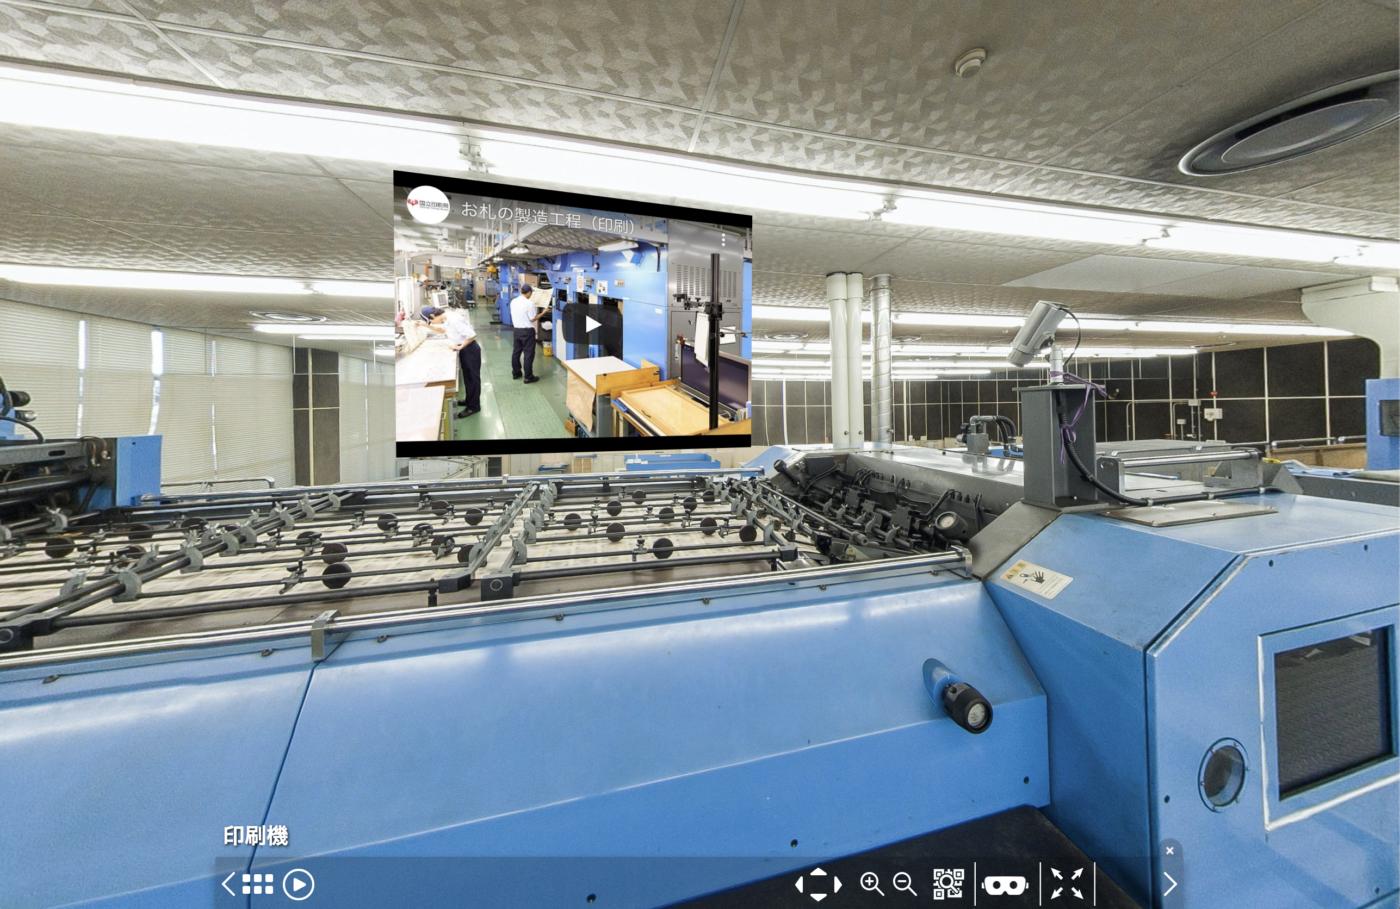 VR工場見学 動画